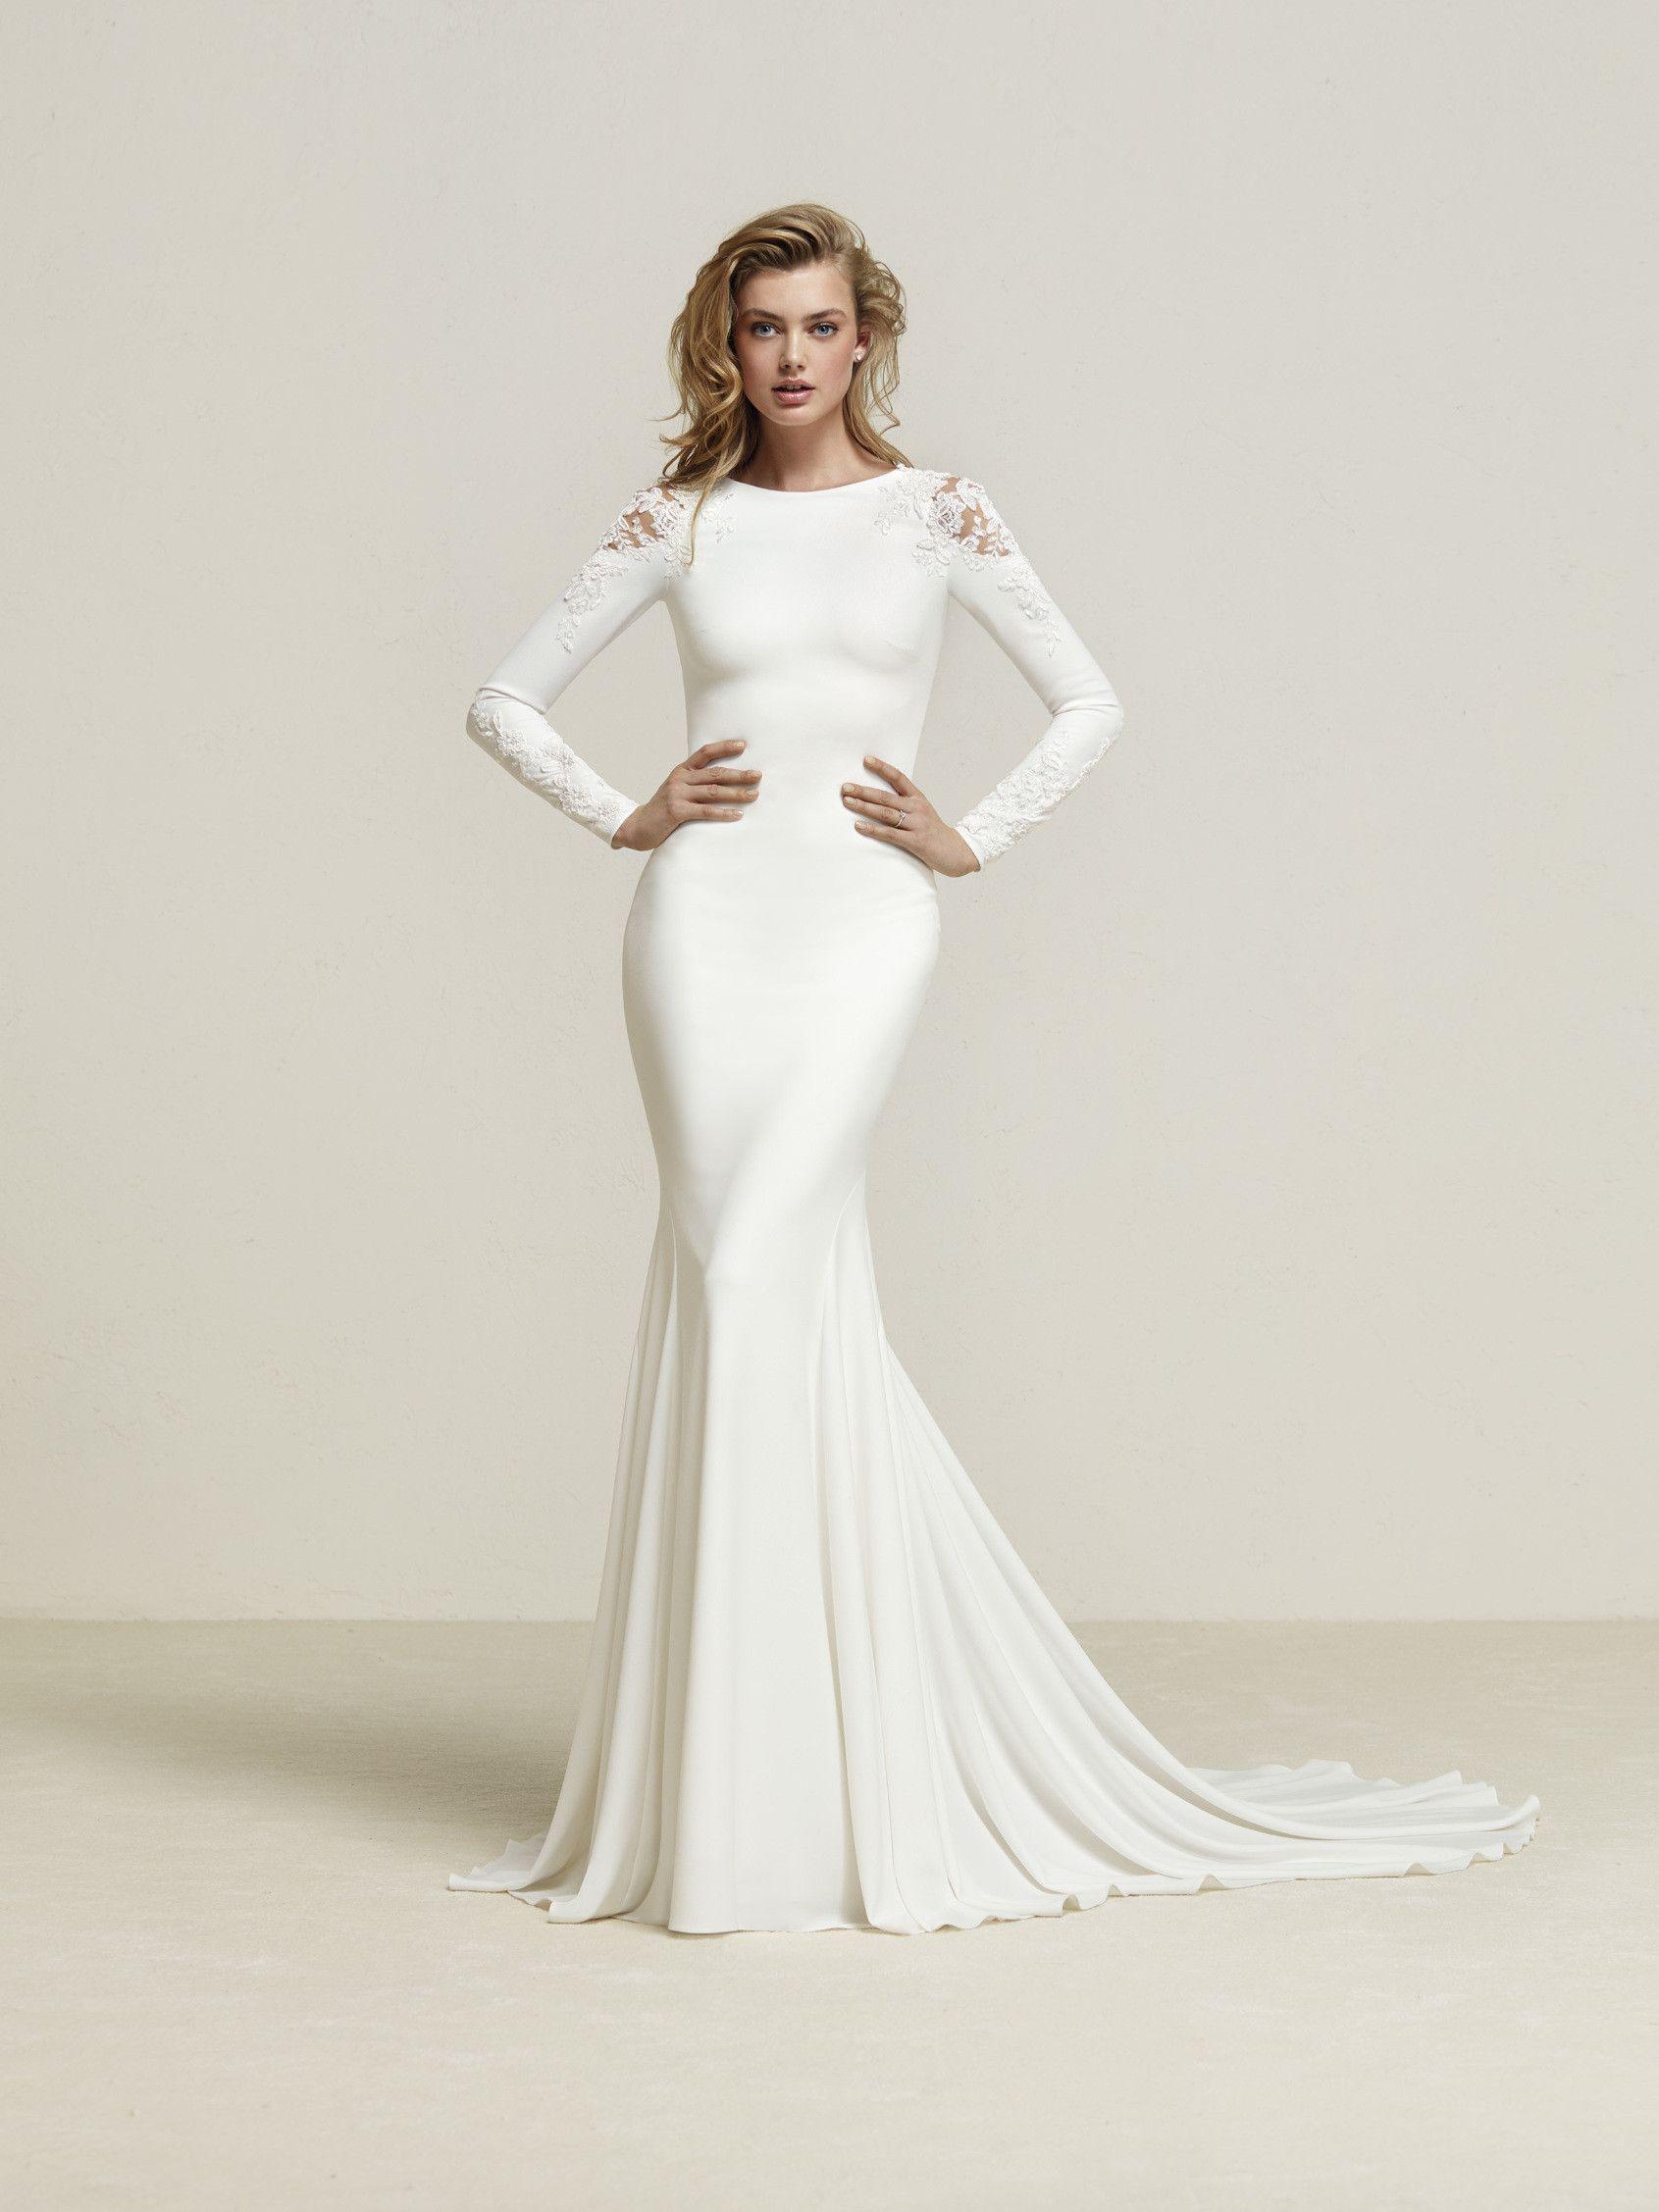 Pronovias Dreide Wedding Dress Collection Bridal Shops in